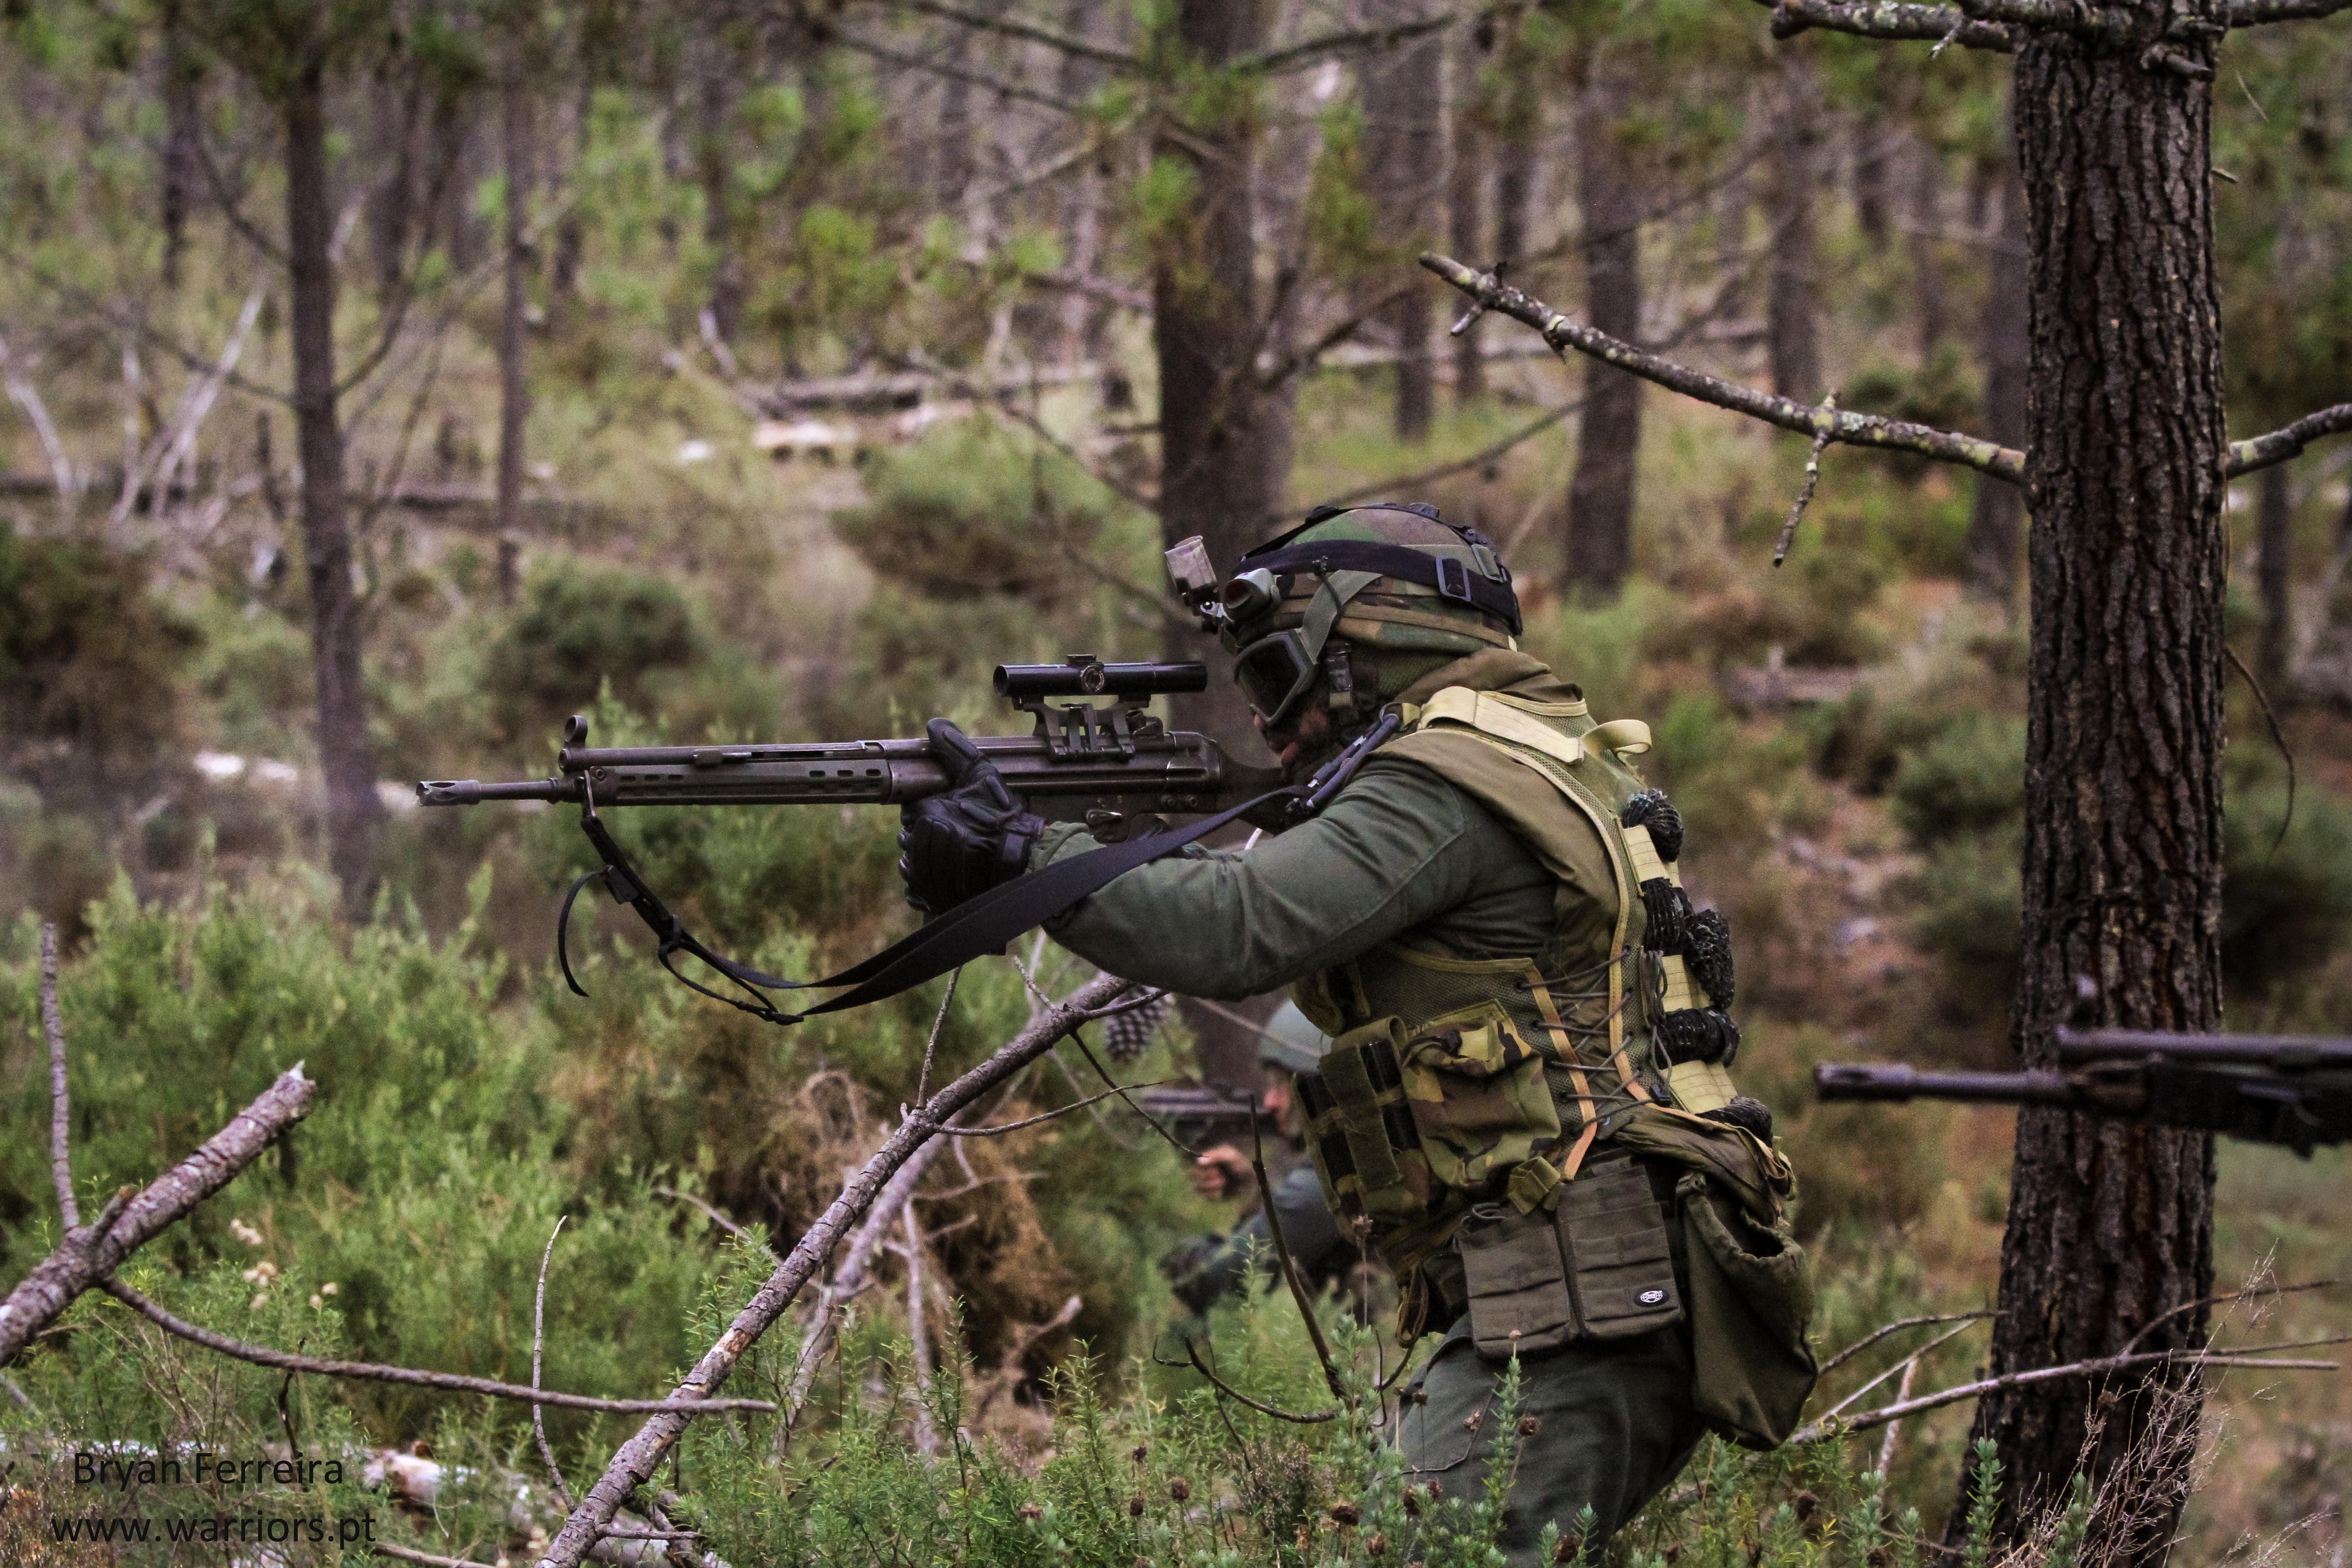 Atirador Designado dos Fuzileiros Portugueses usa a sua espingarda automática G3 equipada com mira Hensolt